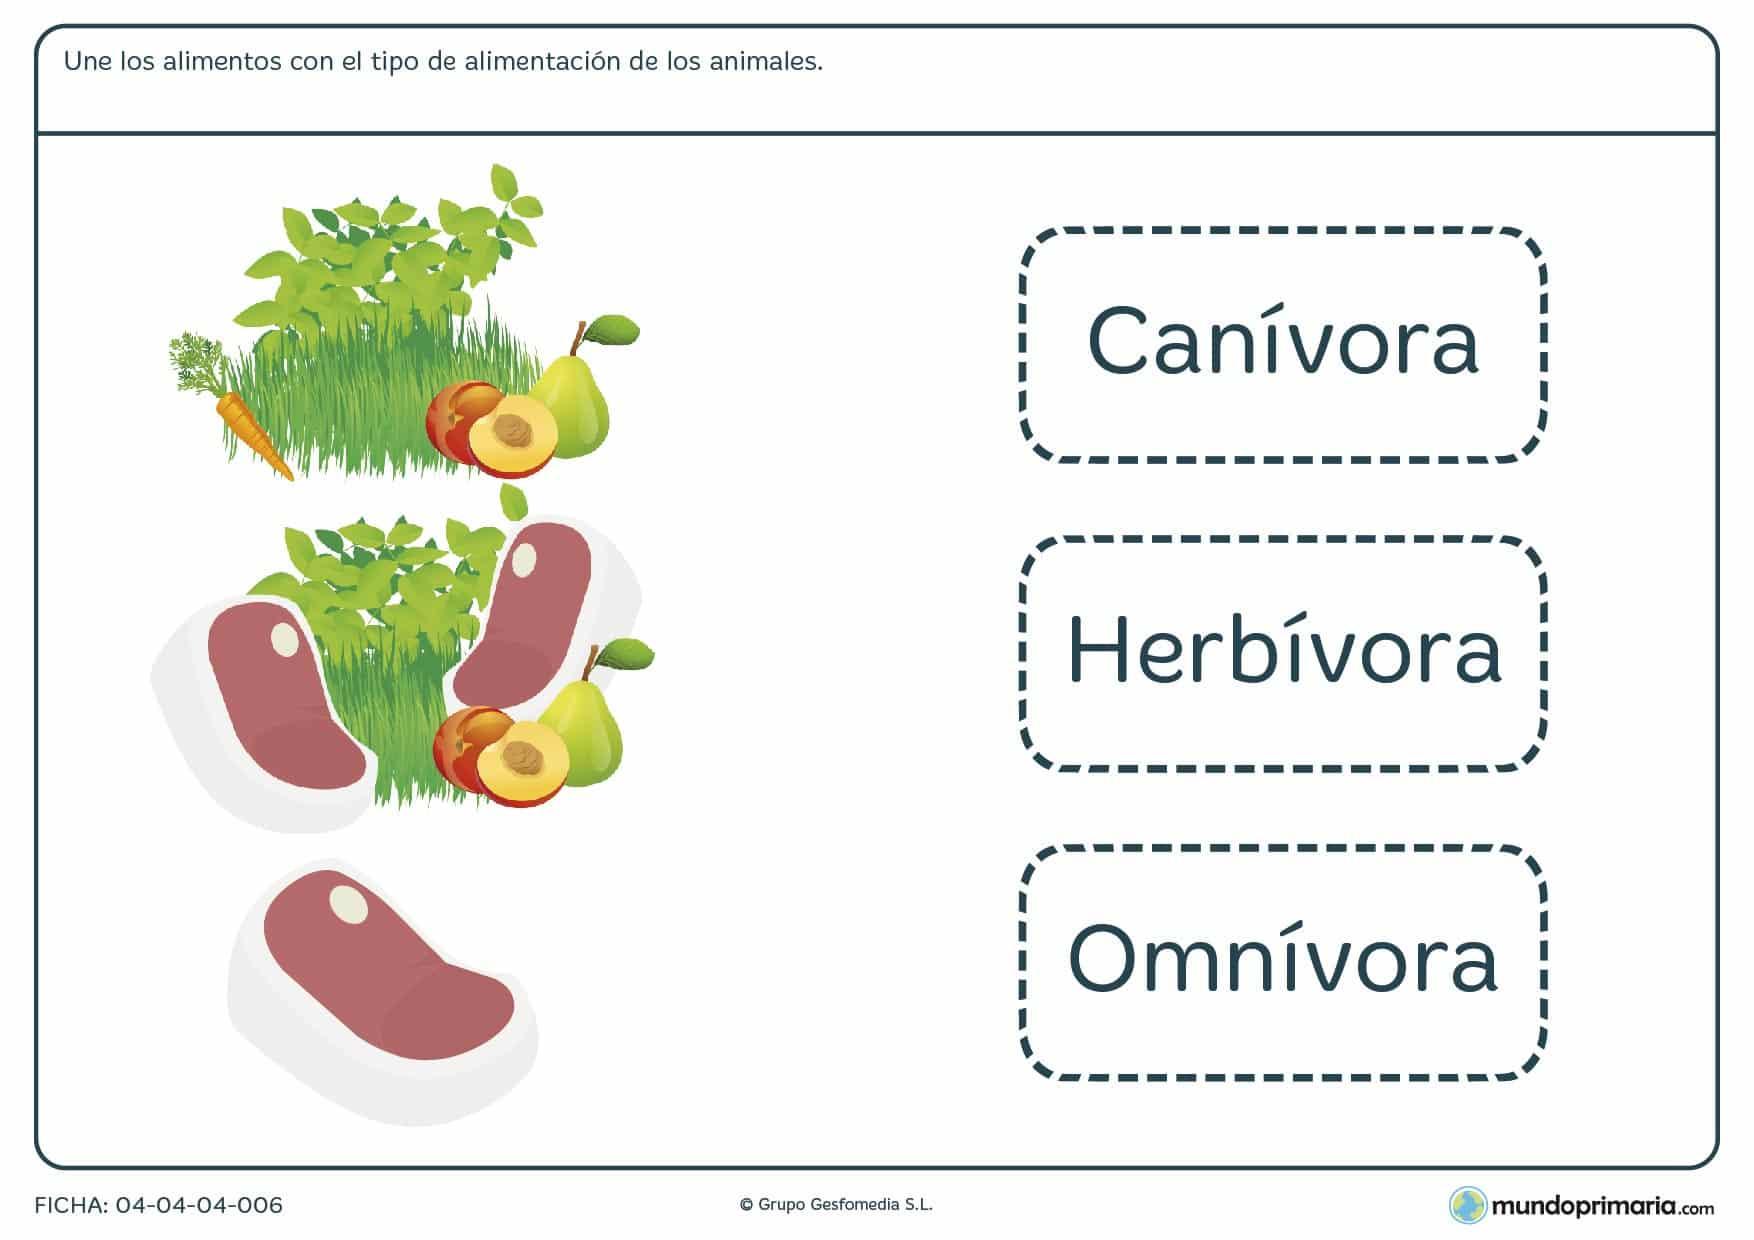 Ficha de tipos de alimentación en el que hay que unir el tipo en cuestión con los alimentos correspondientes a dicho tipo.